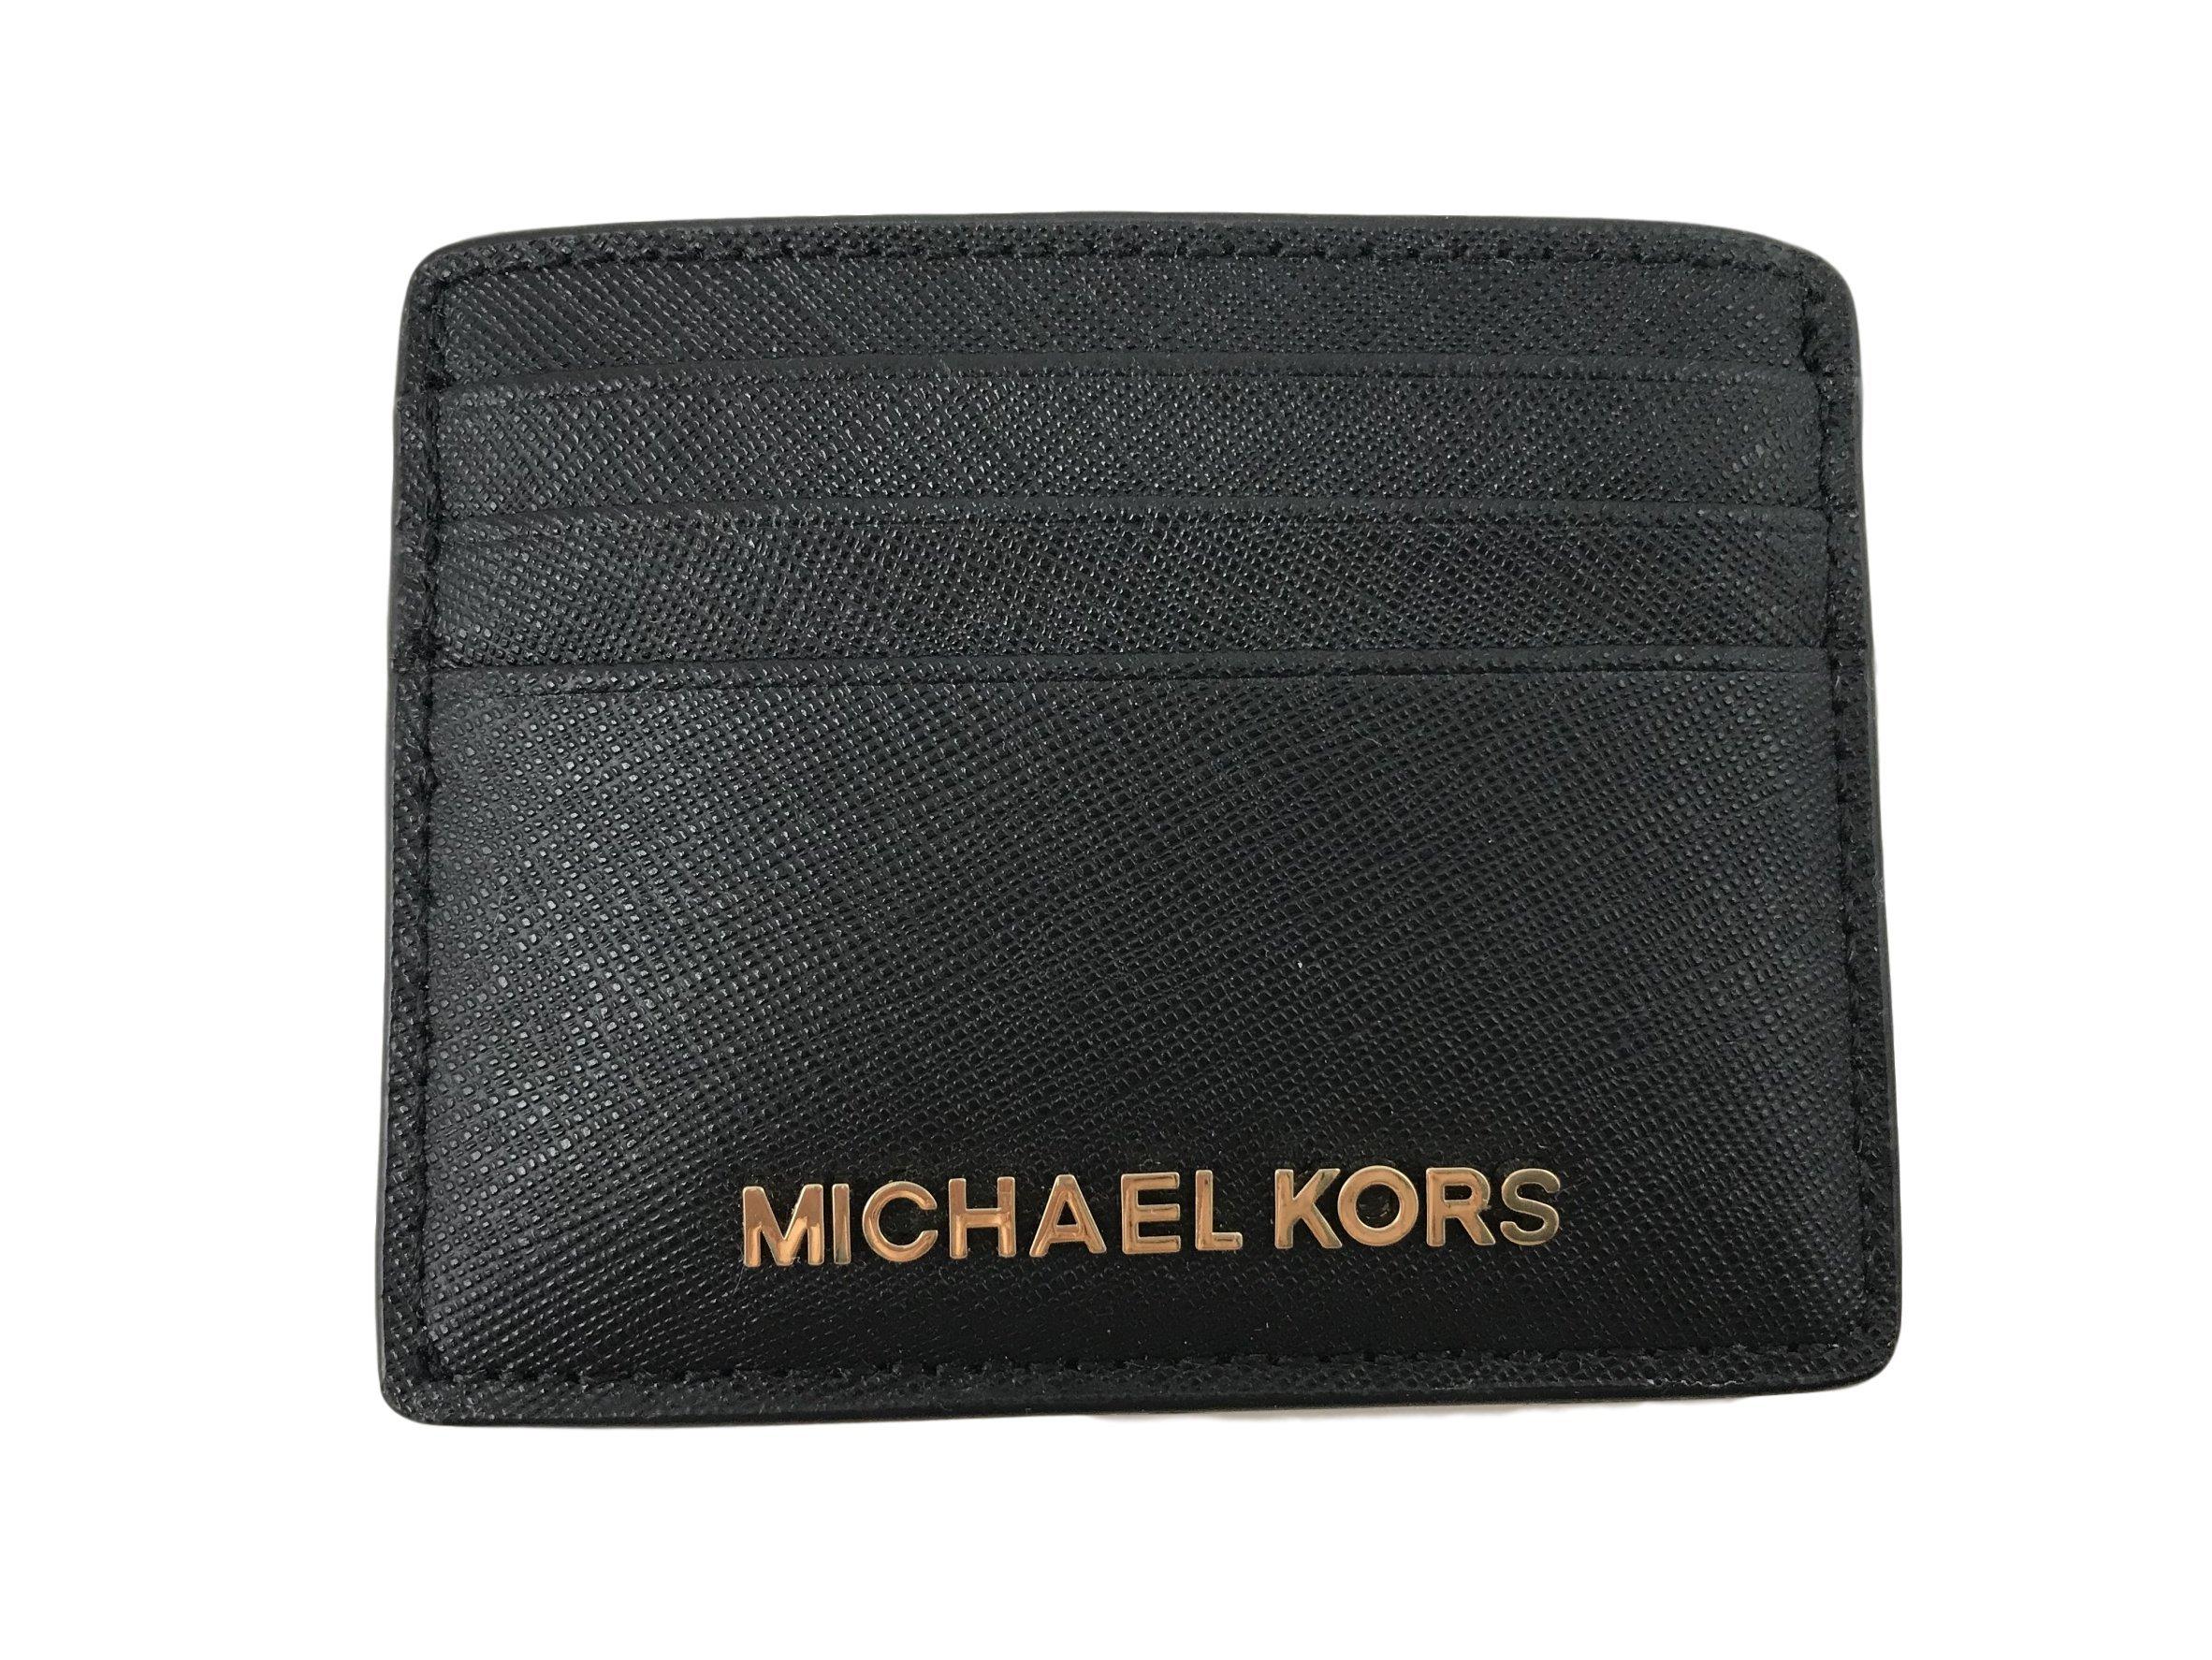 Michael Kors Jet Set Travel Large Card Holder - Black